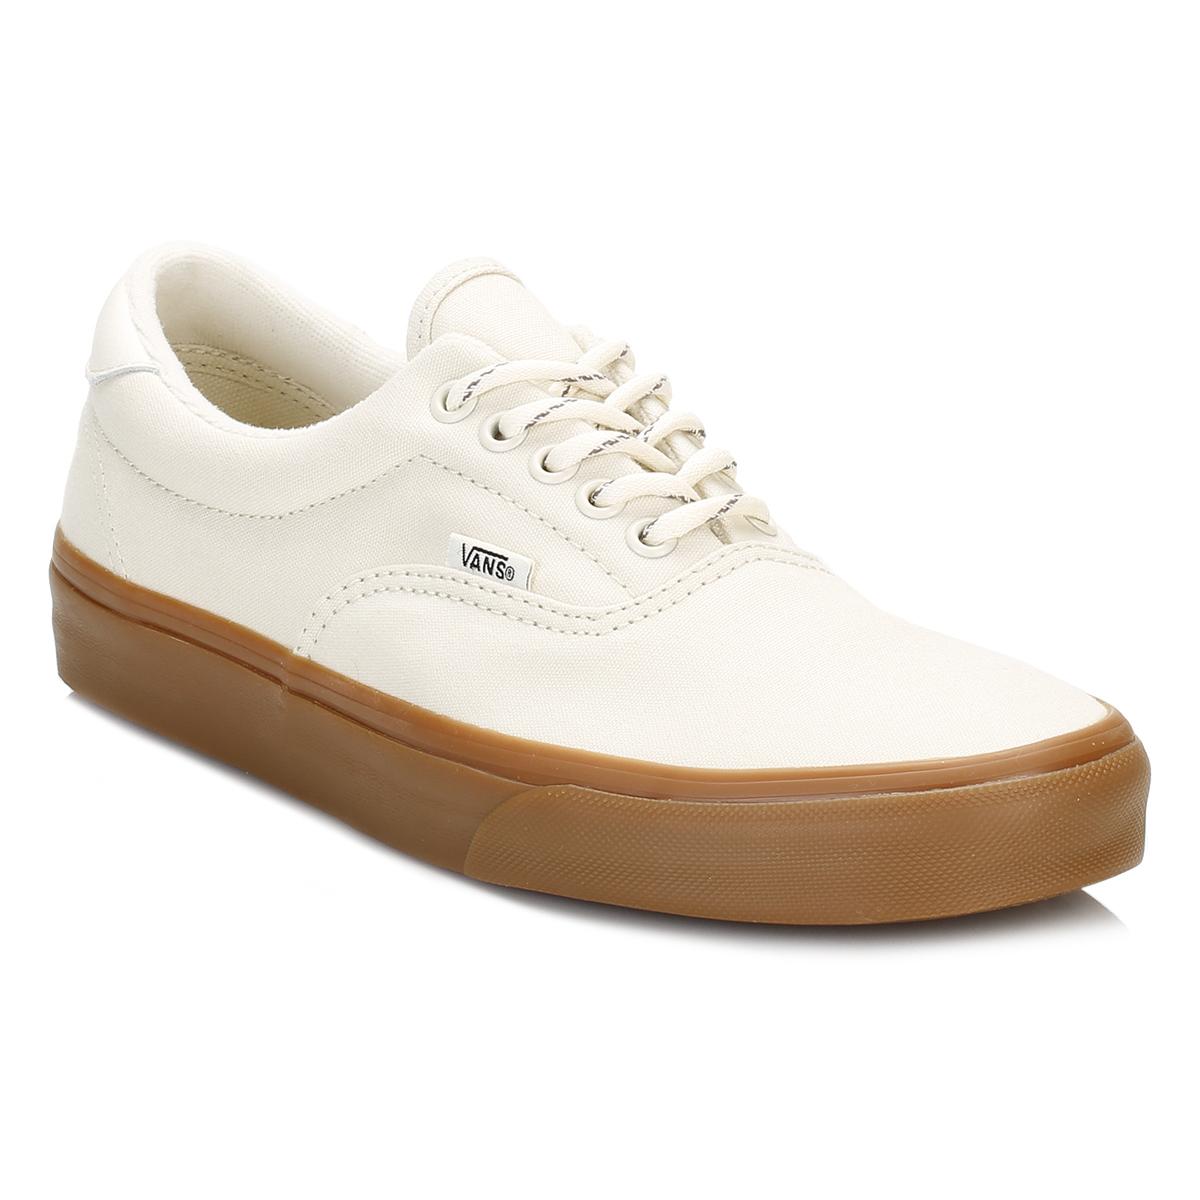 928f112bbe0e1 Blancos Zapatos baratas Vans Blancos Hombre EExPr7Hqw ...